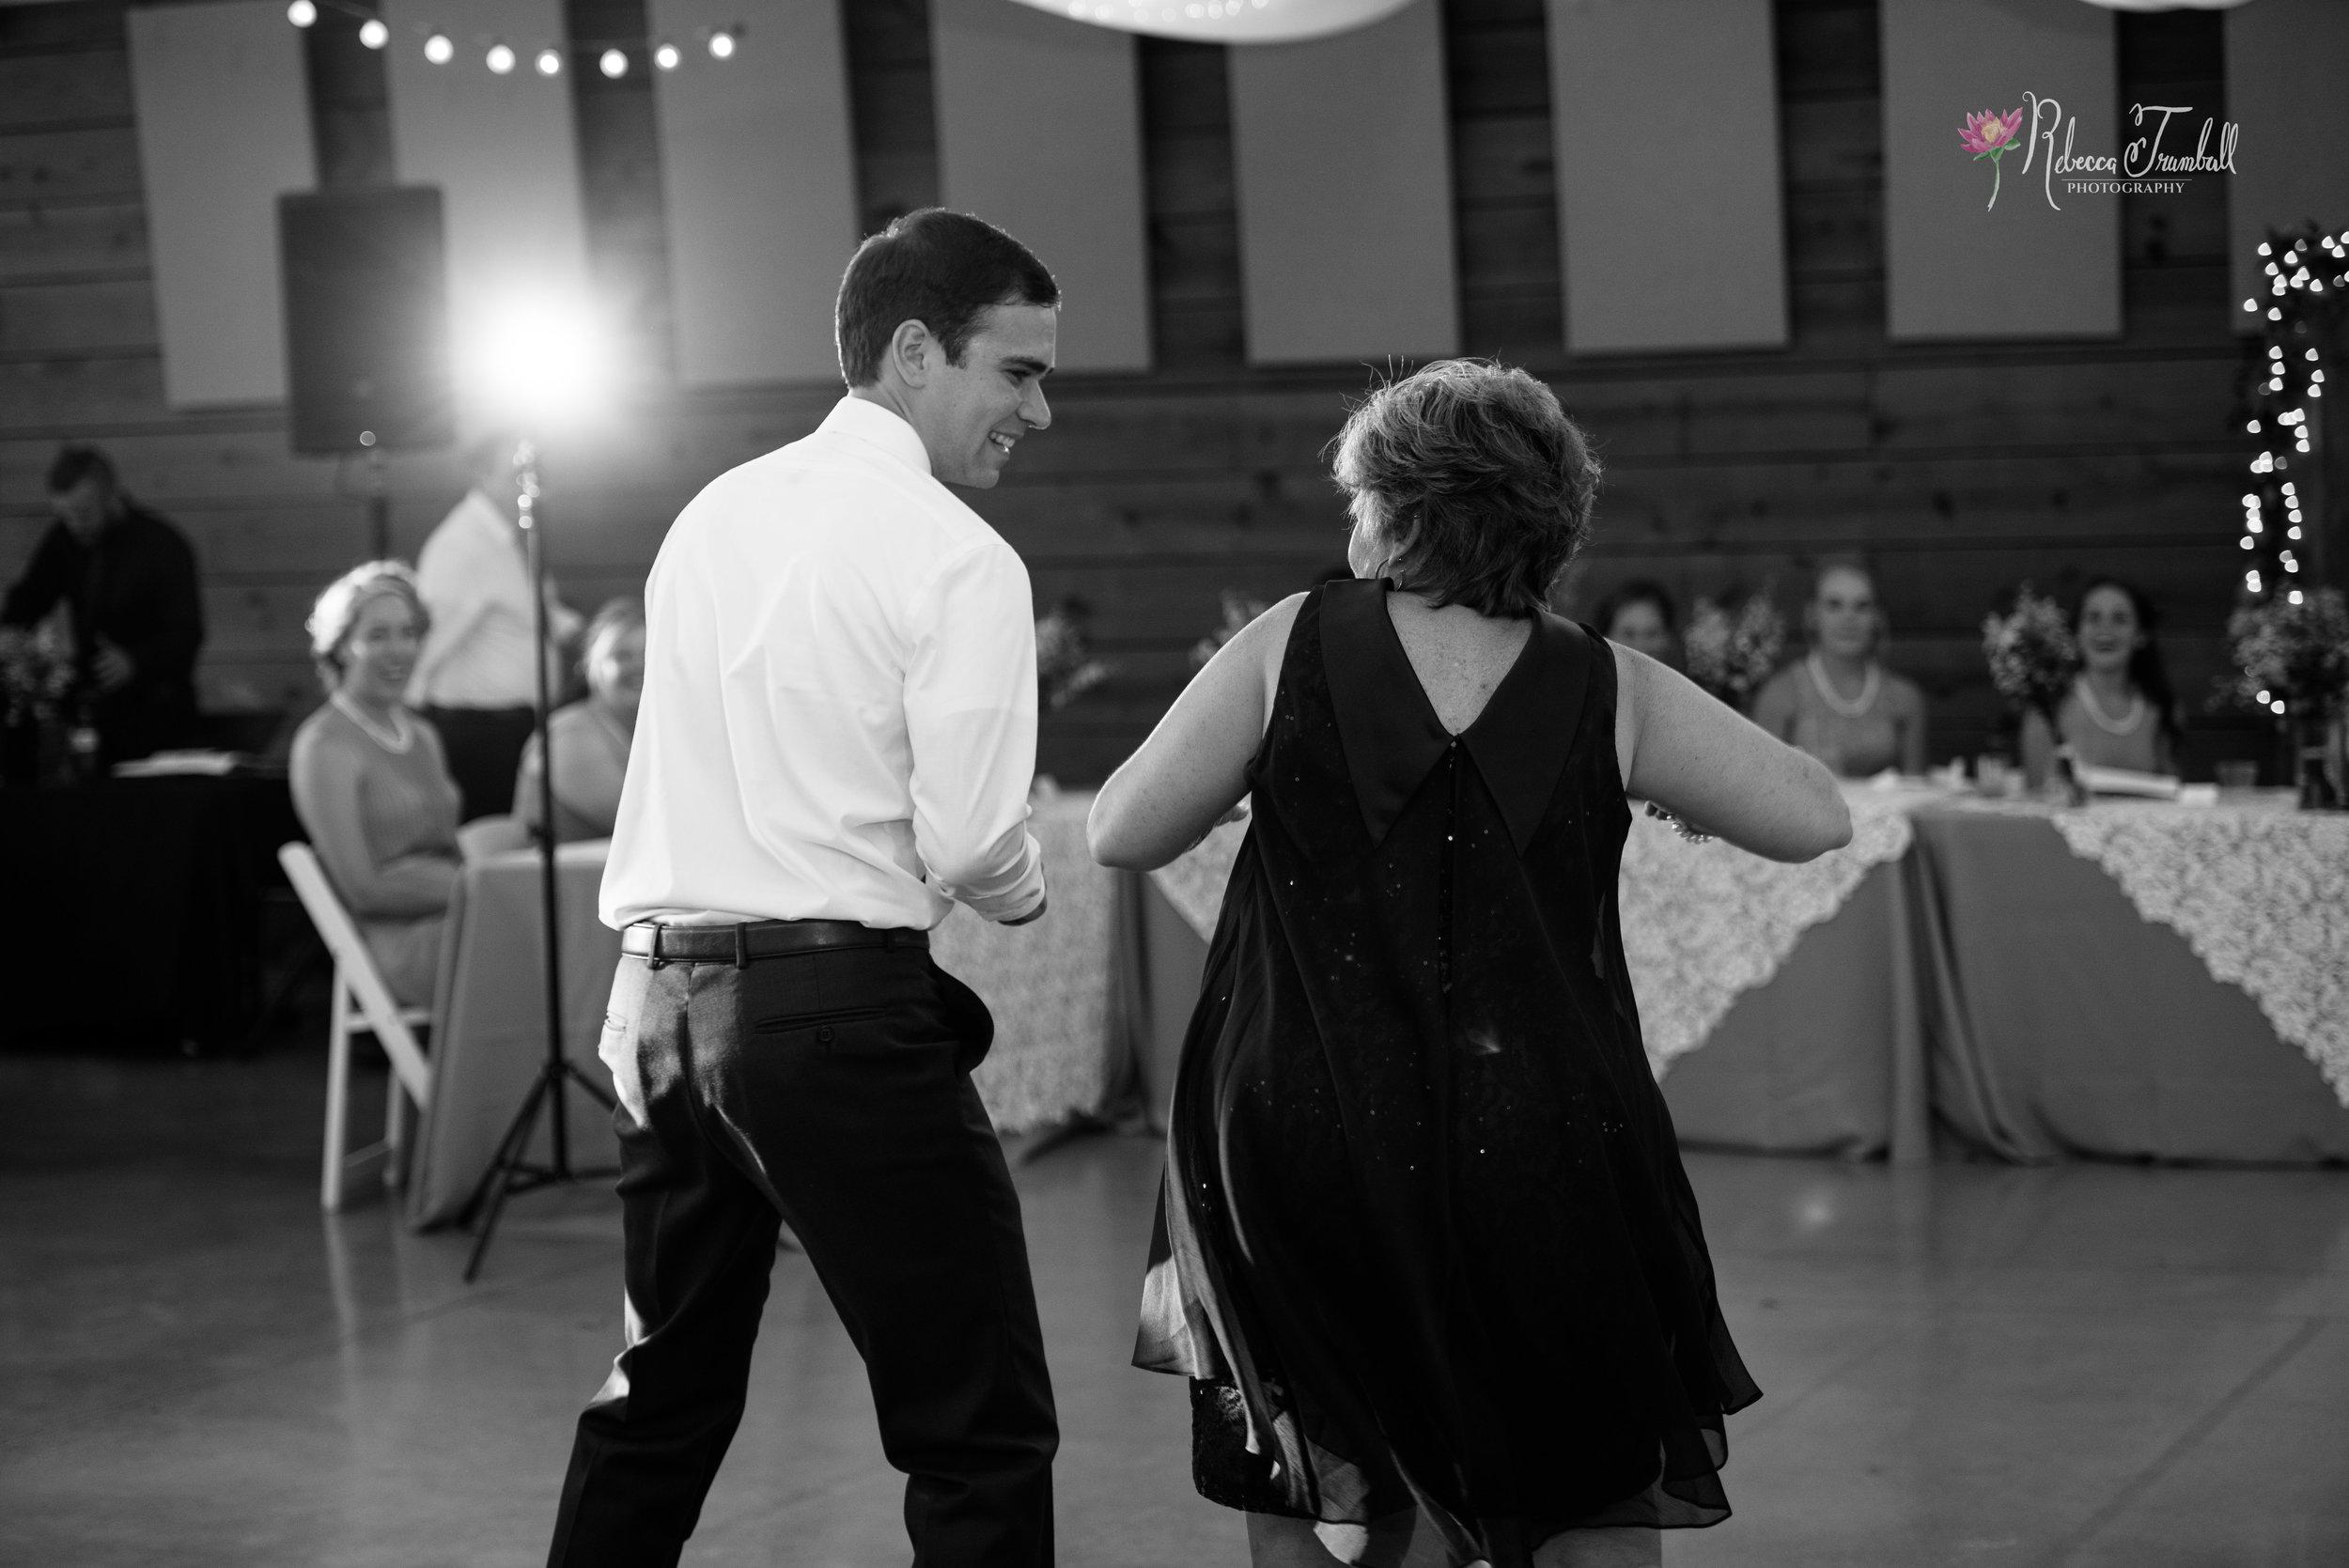 toledo area wedding photography-24.jpg